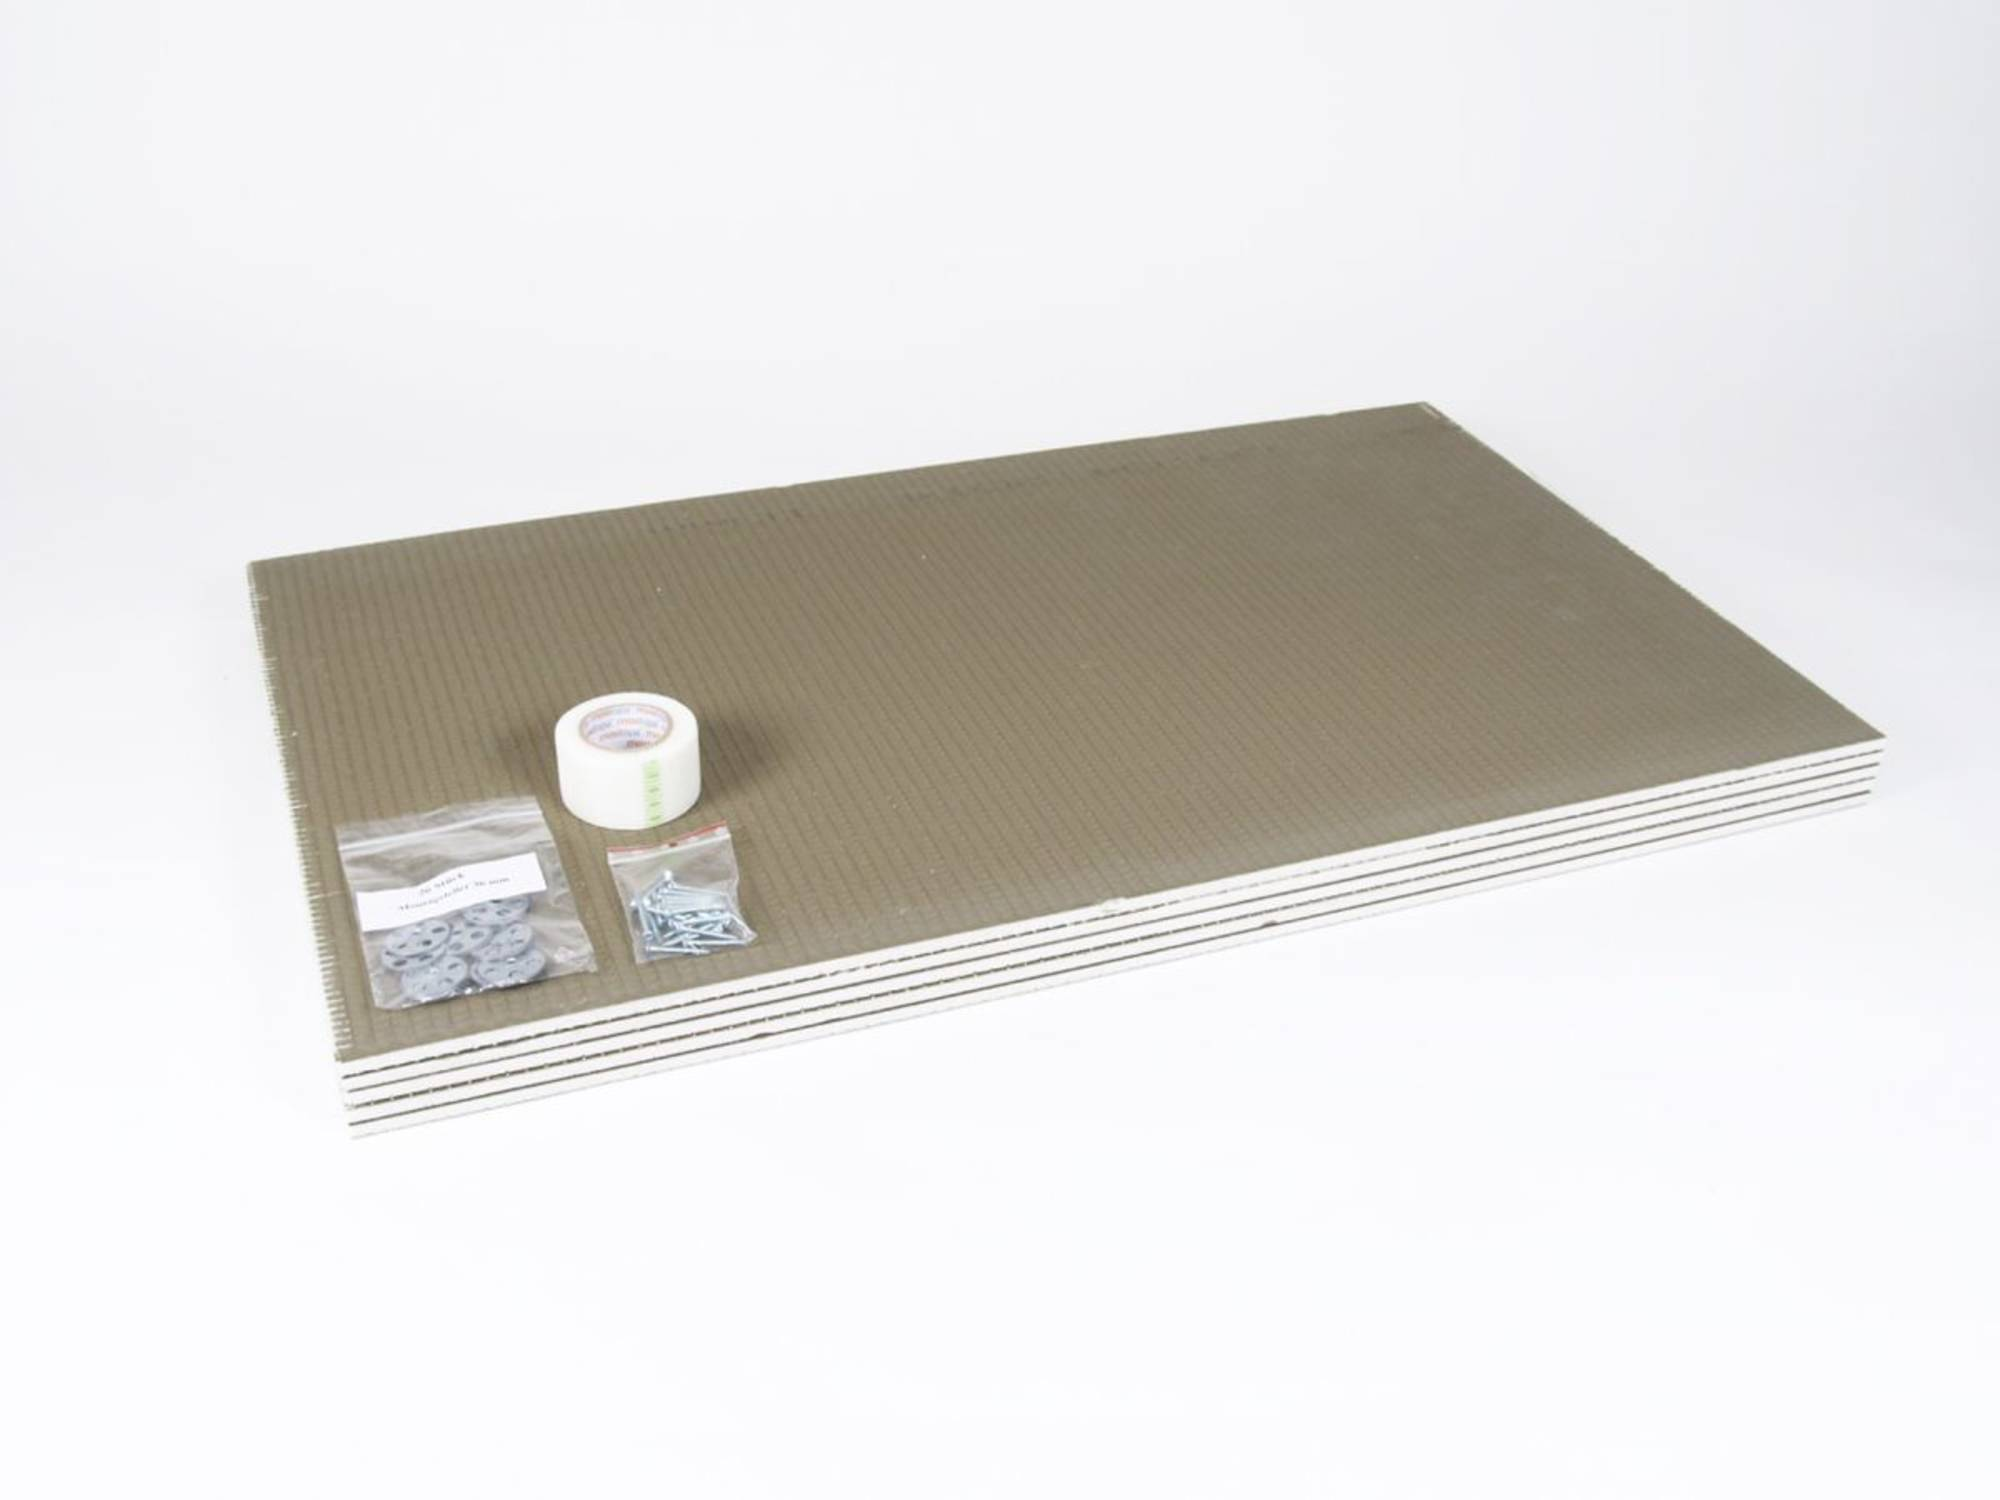 MAGNUM ISOPLATE drukvaste isolatieplaat 5x60x100-1cm. 3m2 (630112)